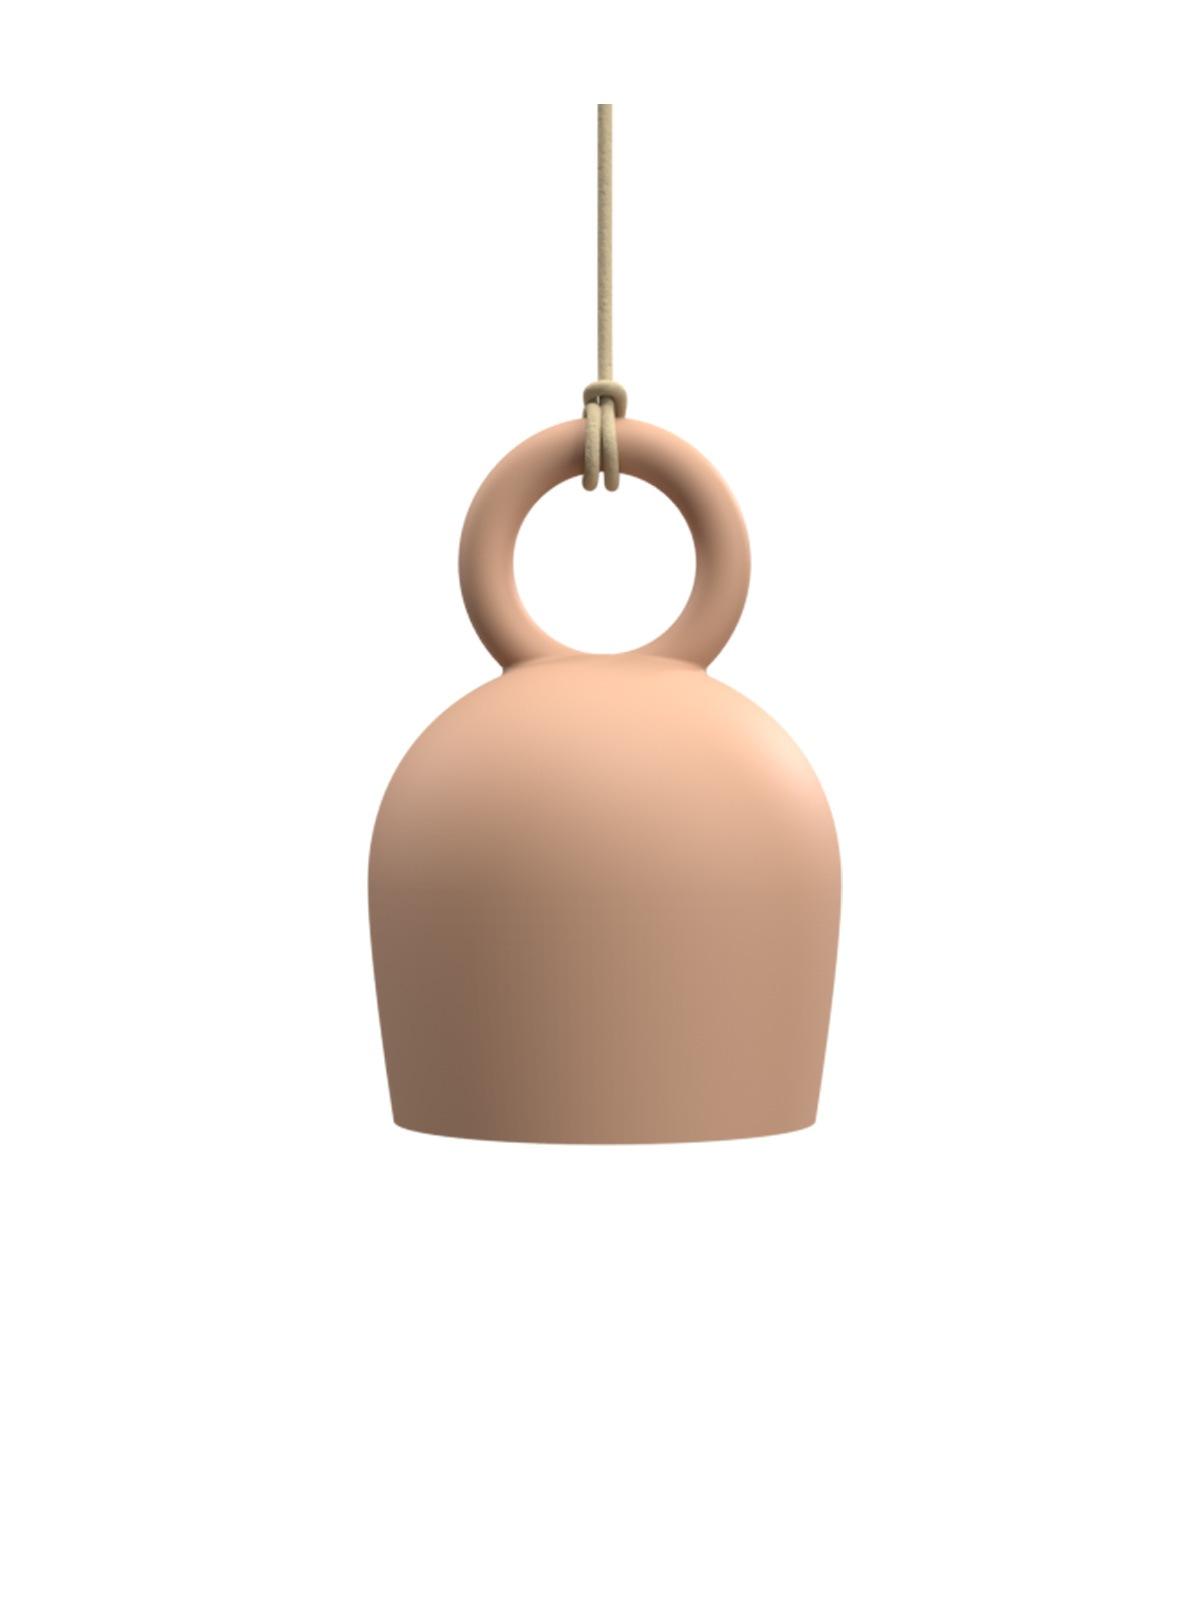 Calo Keramik Leuchte Pott Designort Lampen Berlin